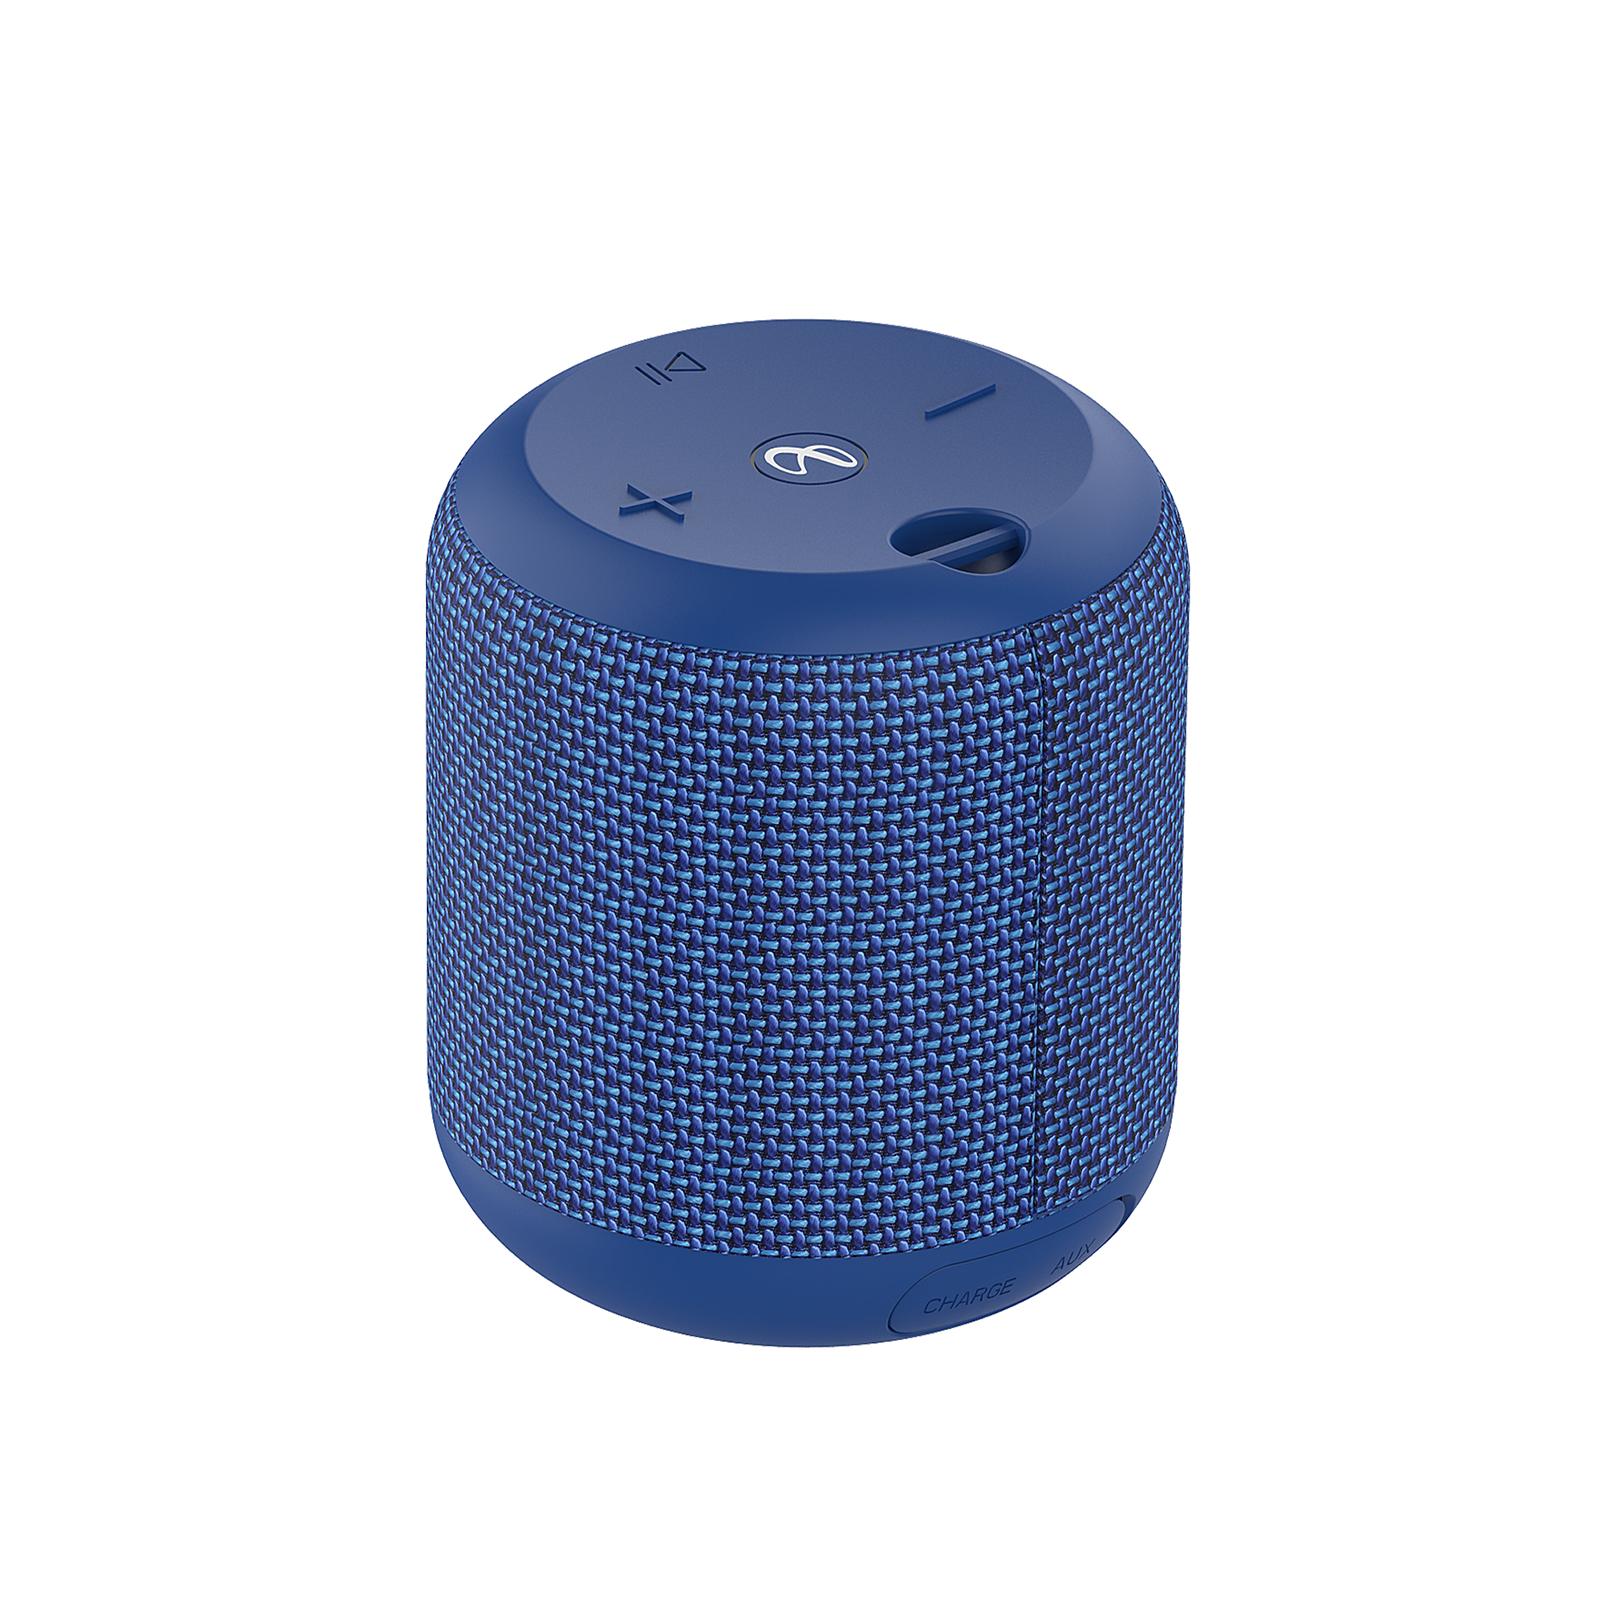 INFINITY FUZE 100 - Blue - Portable Wireless Speaker - Back